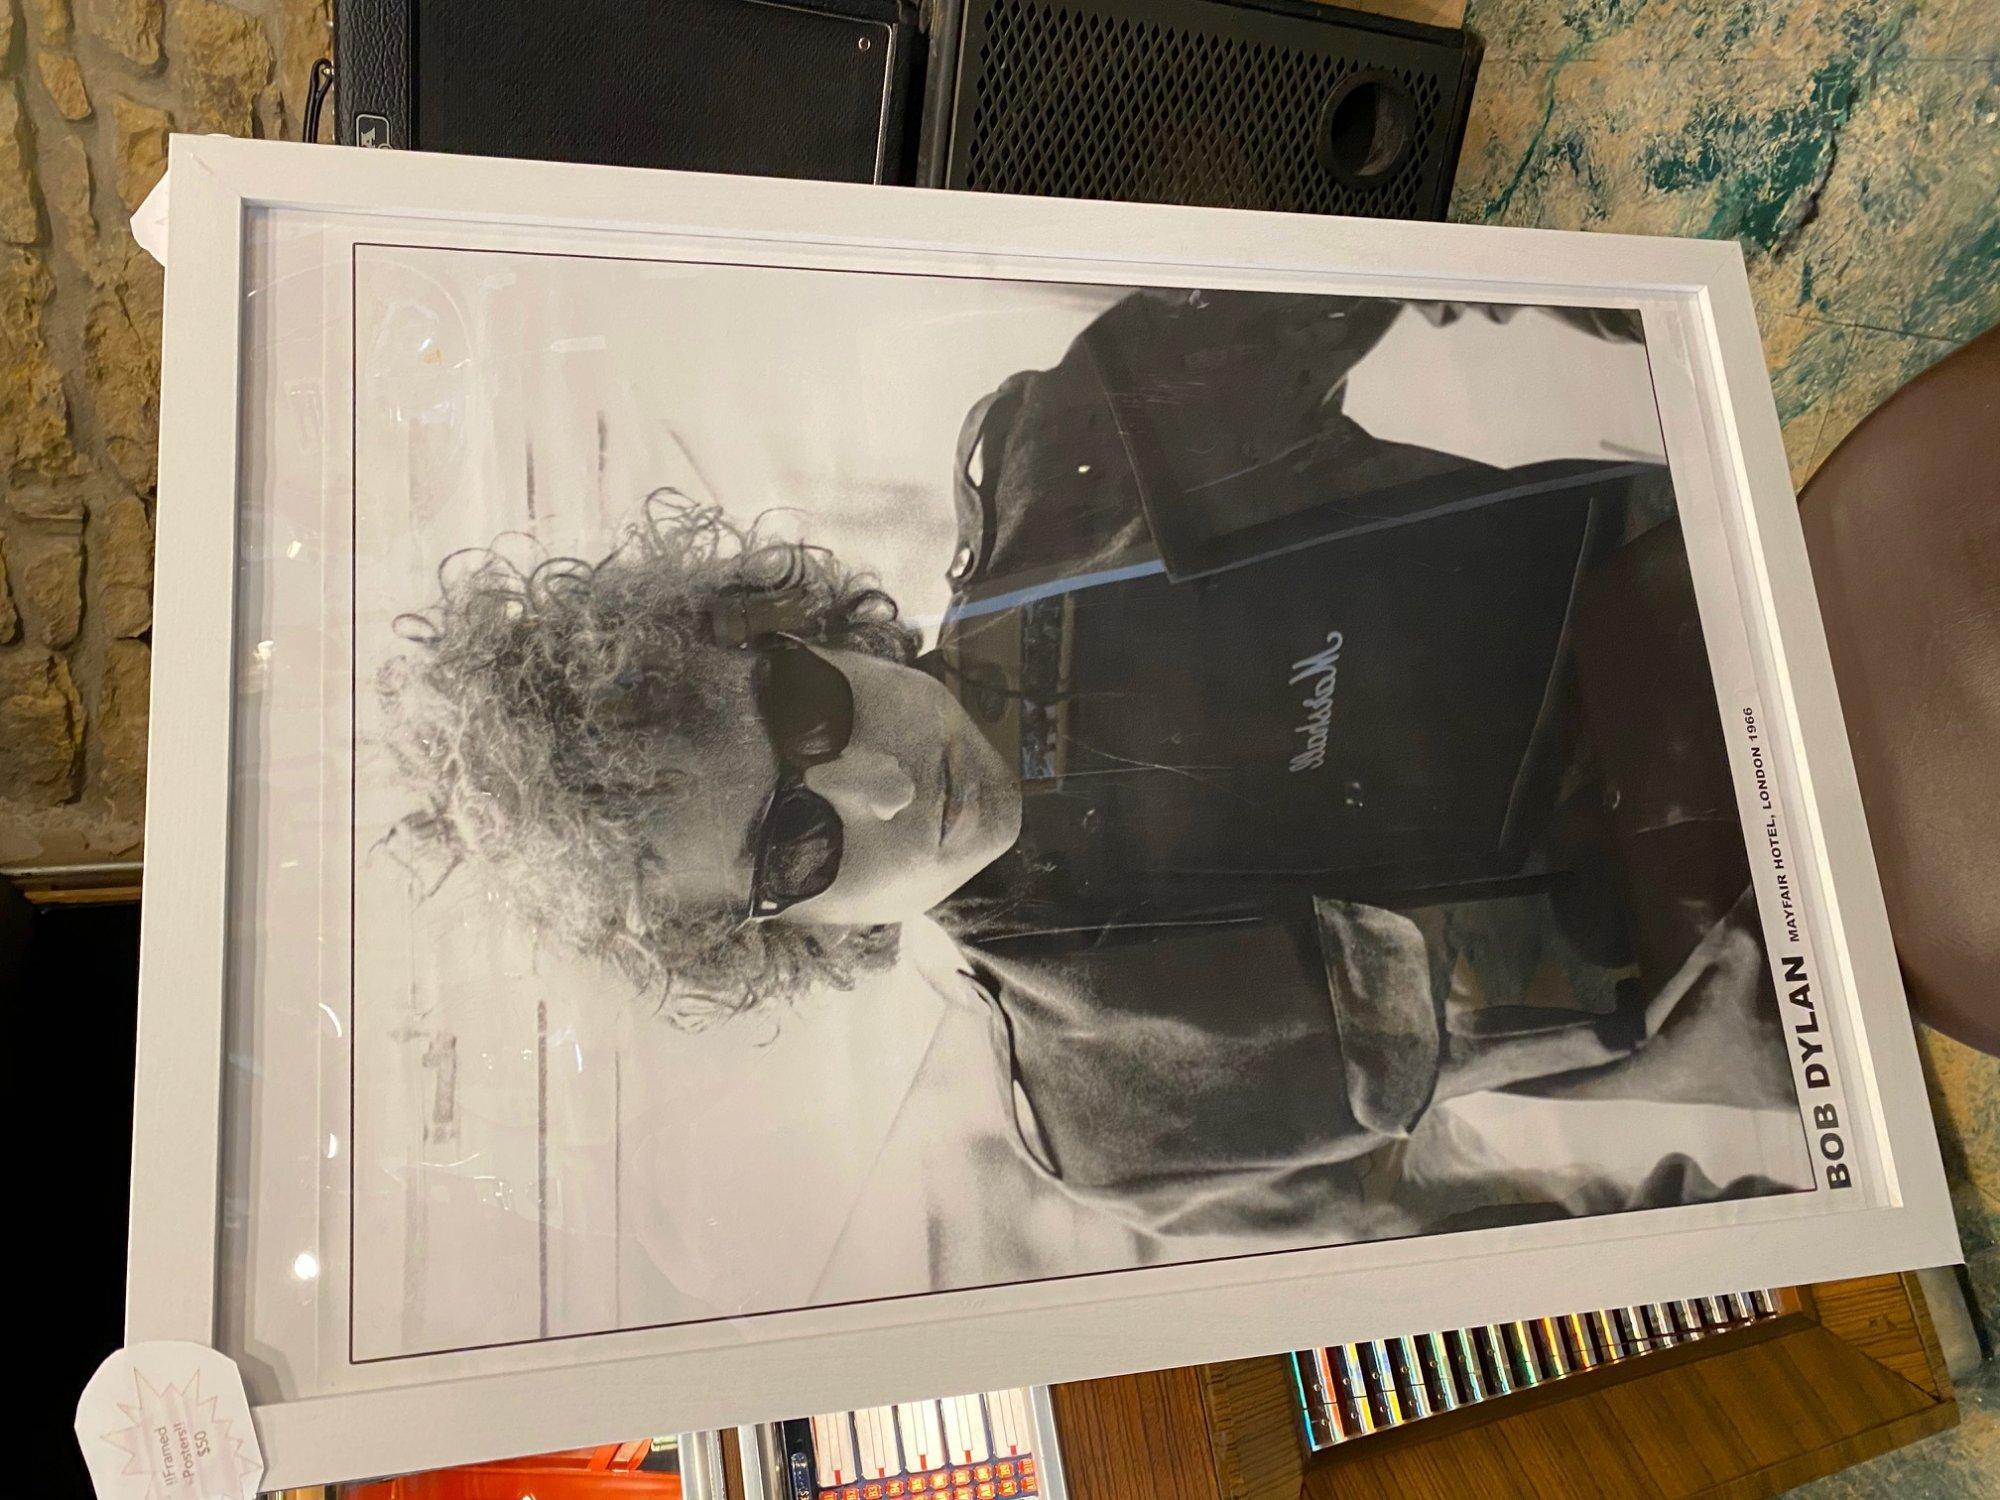 framed poster - Bob Dylan! 3 styles